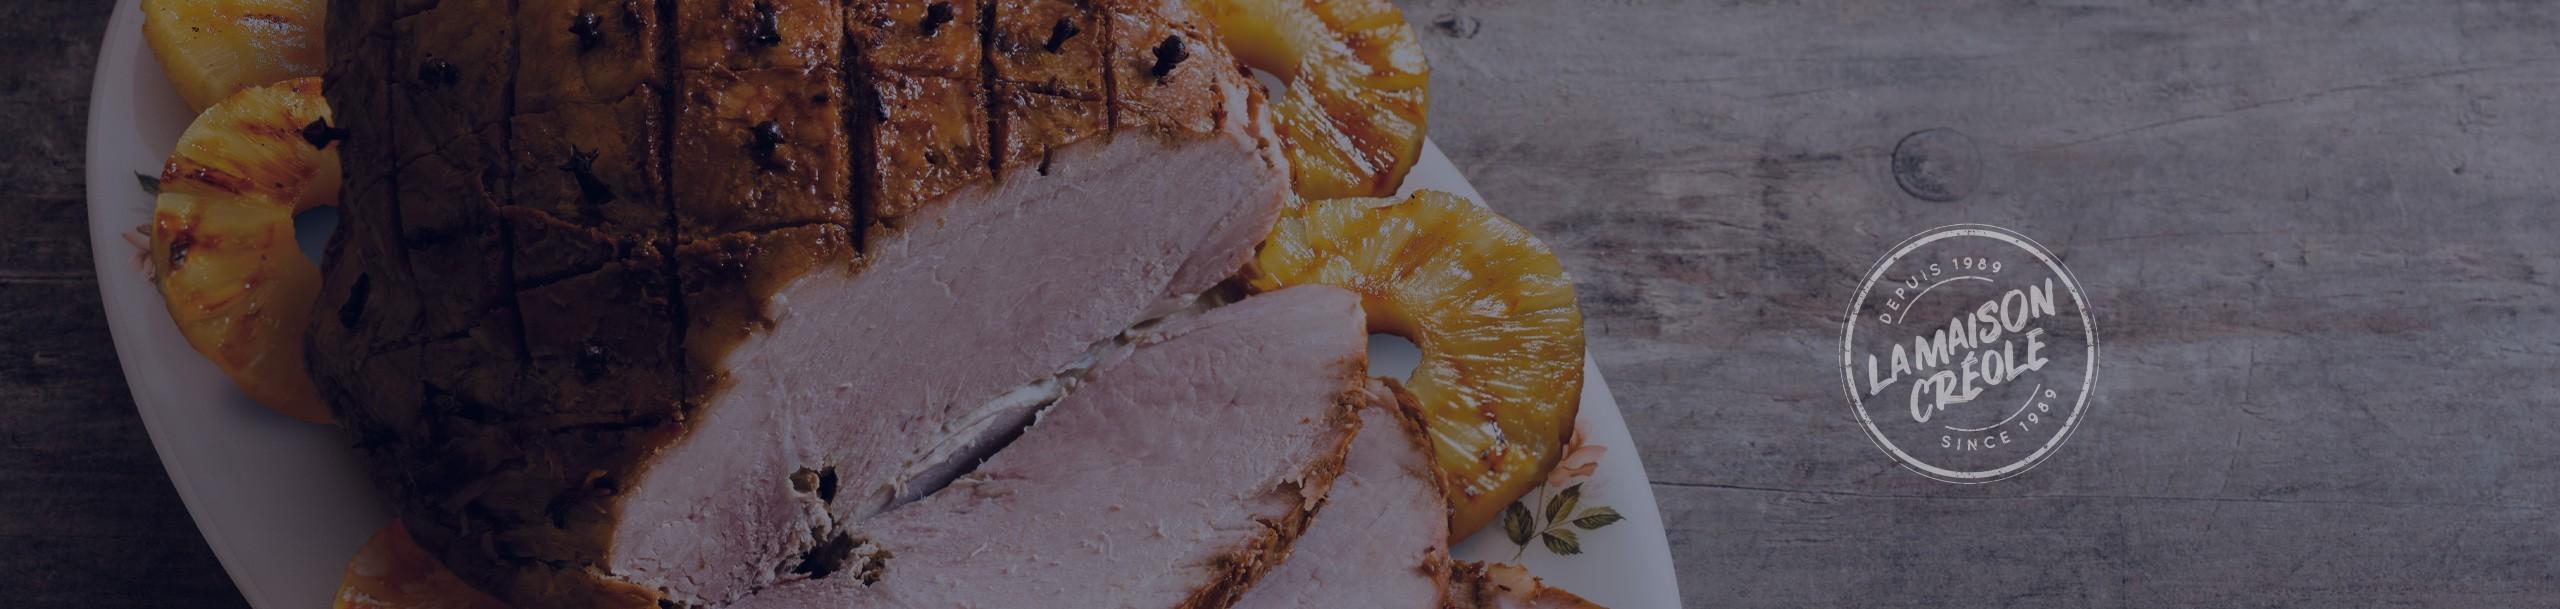 Salaisons antillaises